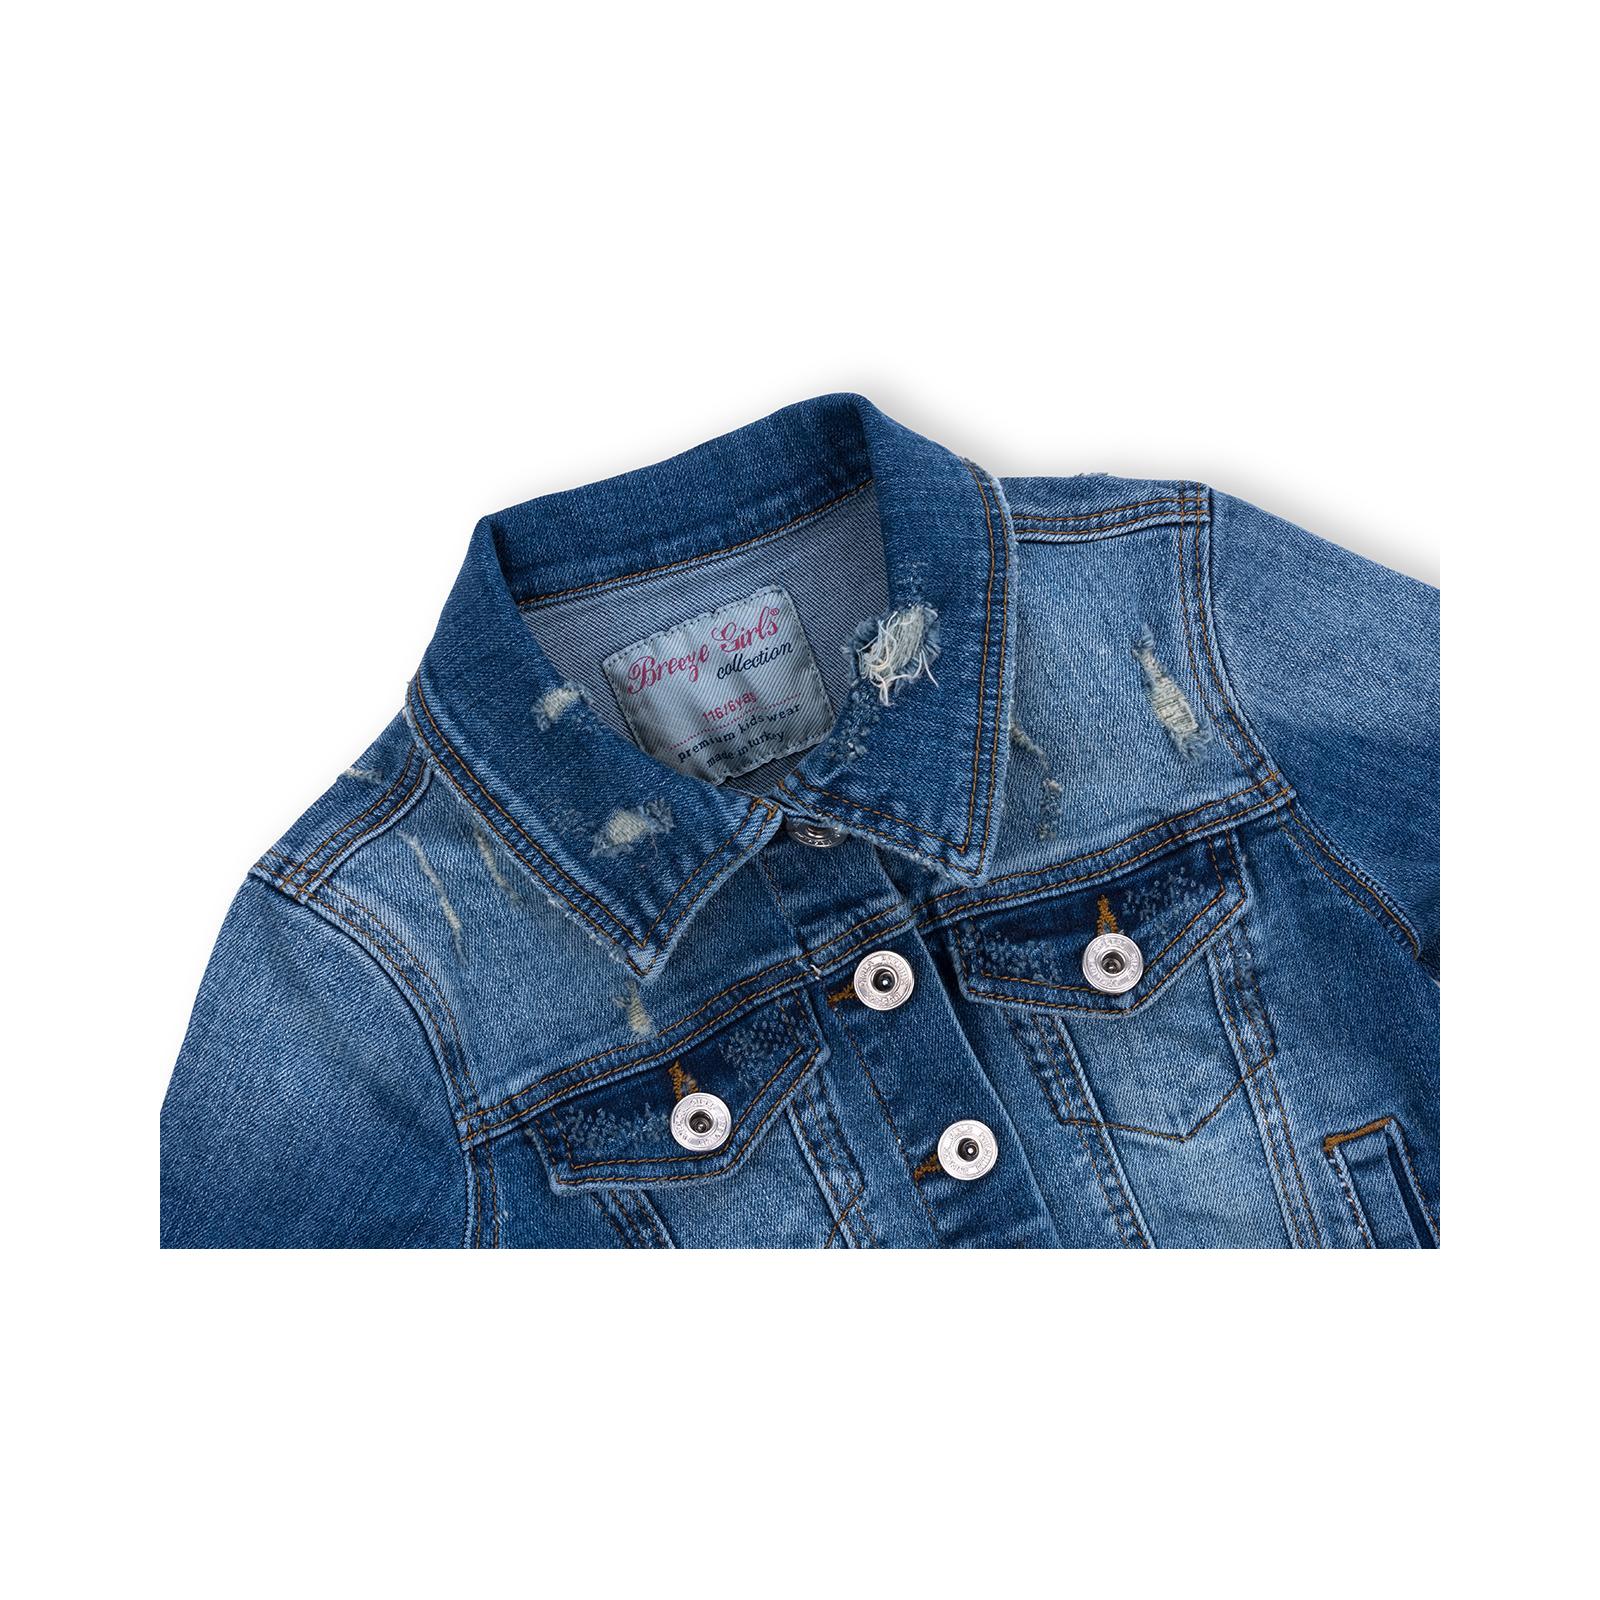 Куртка Breeze джинсовая укороченная (OZ-18801-134G-blue) изображение 3